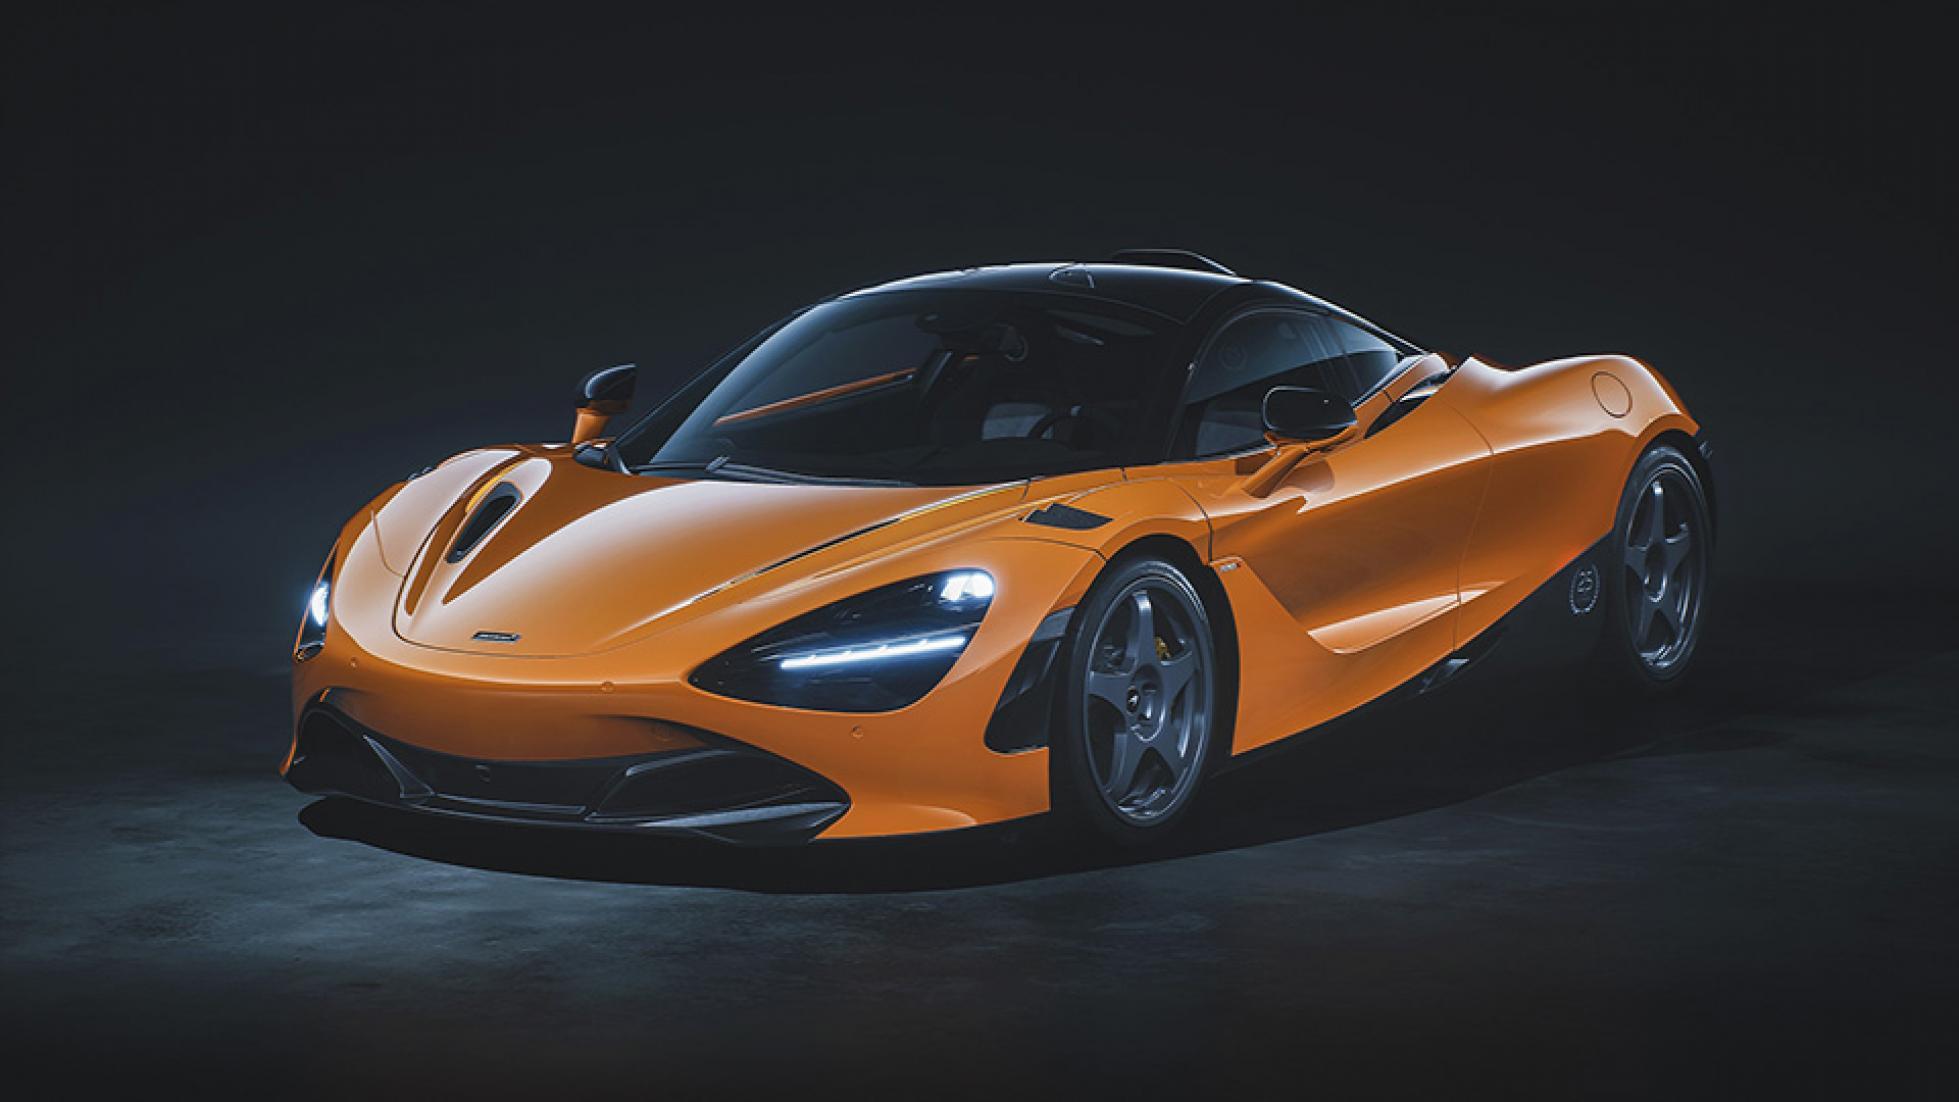 Cette 720S spéciale célèbre la victoire de McLaren aux 24 Heures du Mans - Galerie